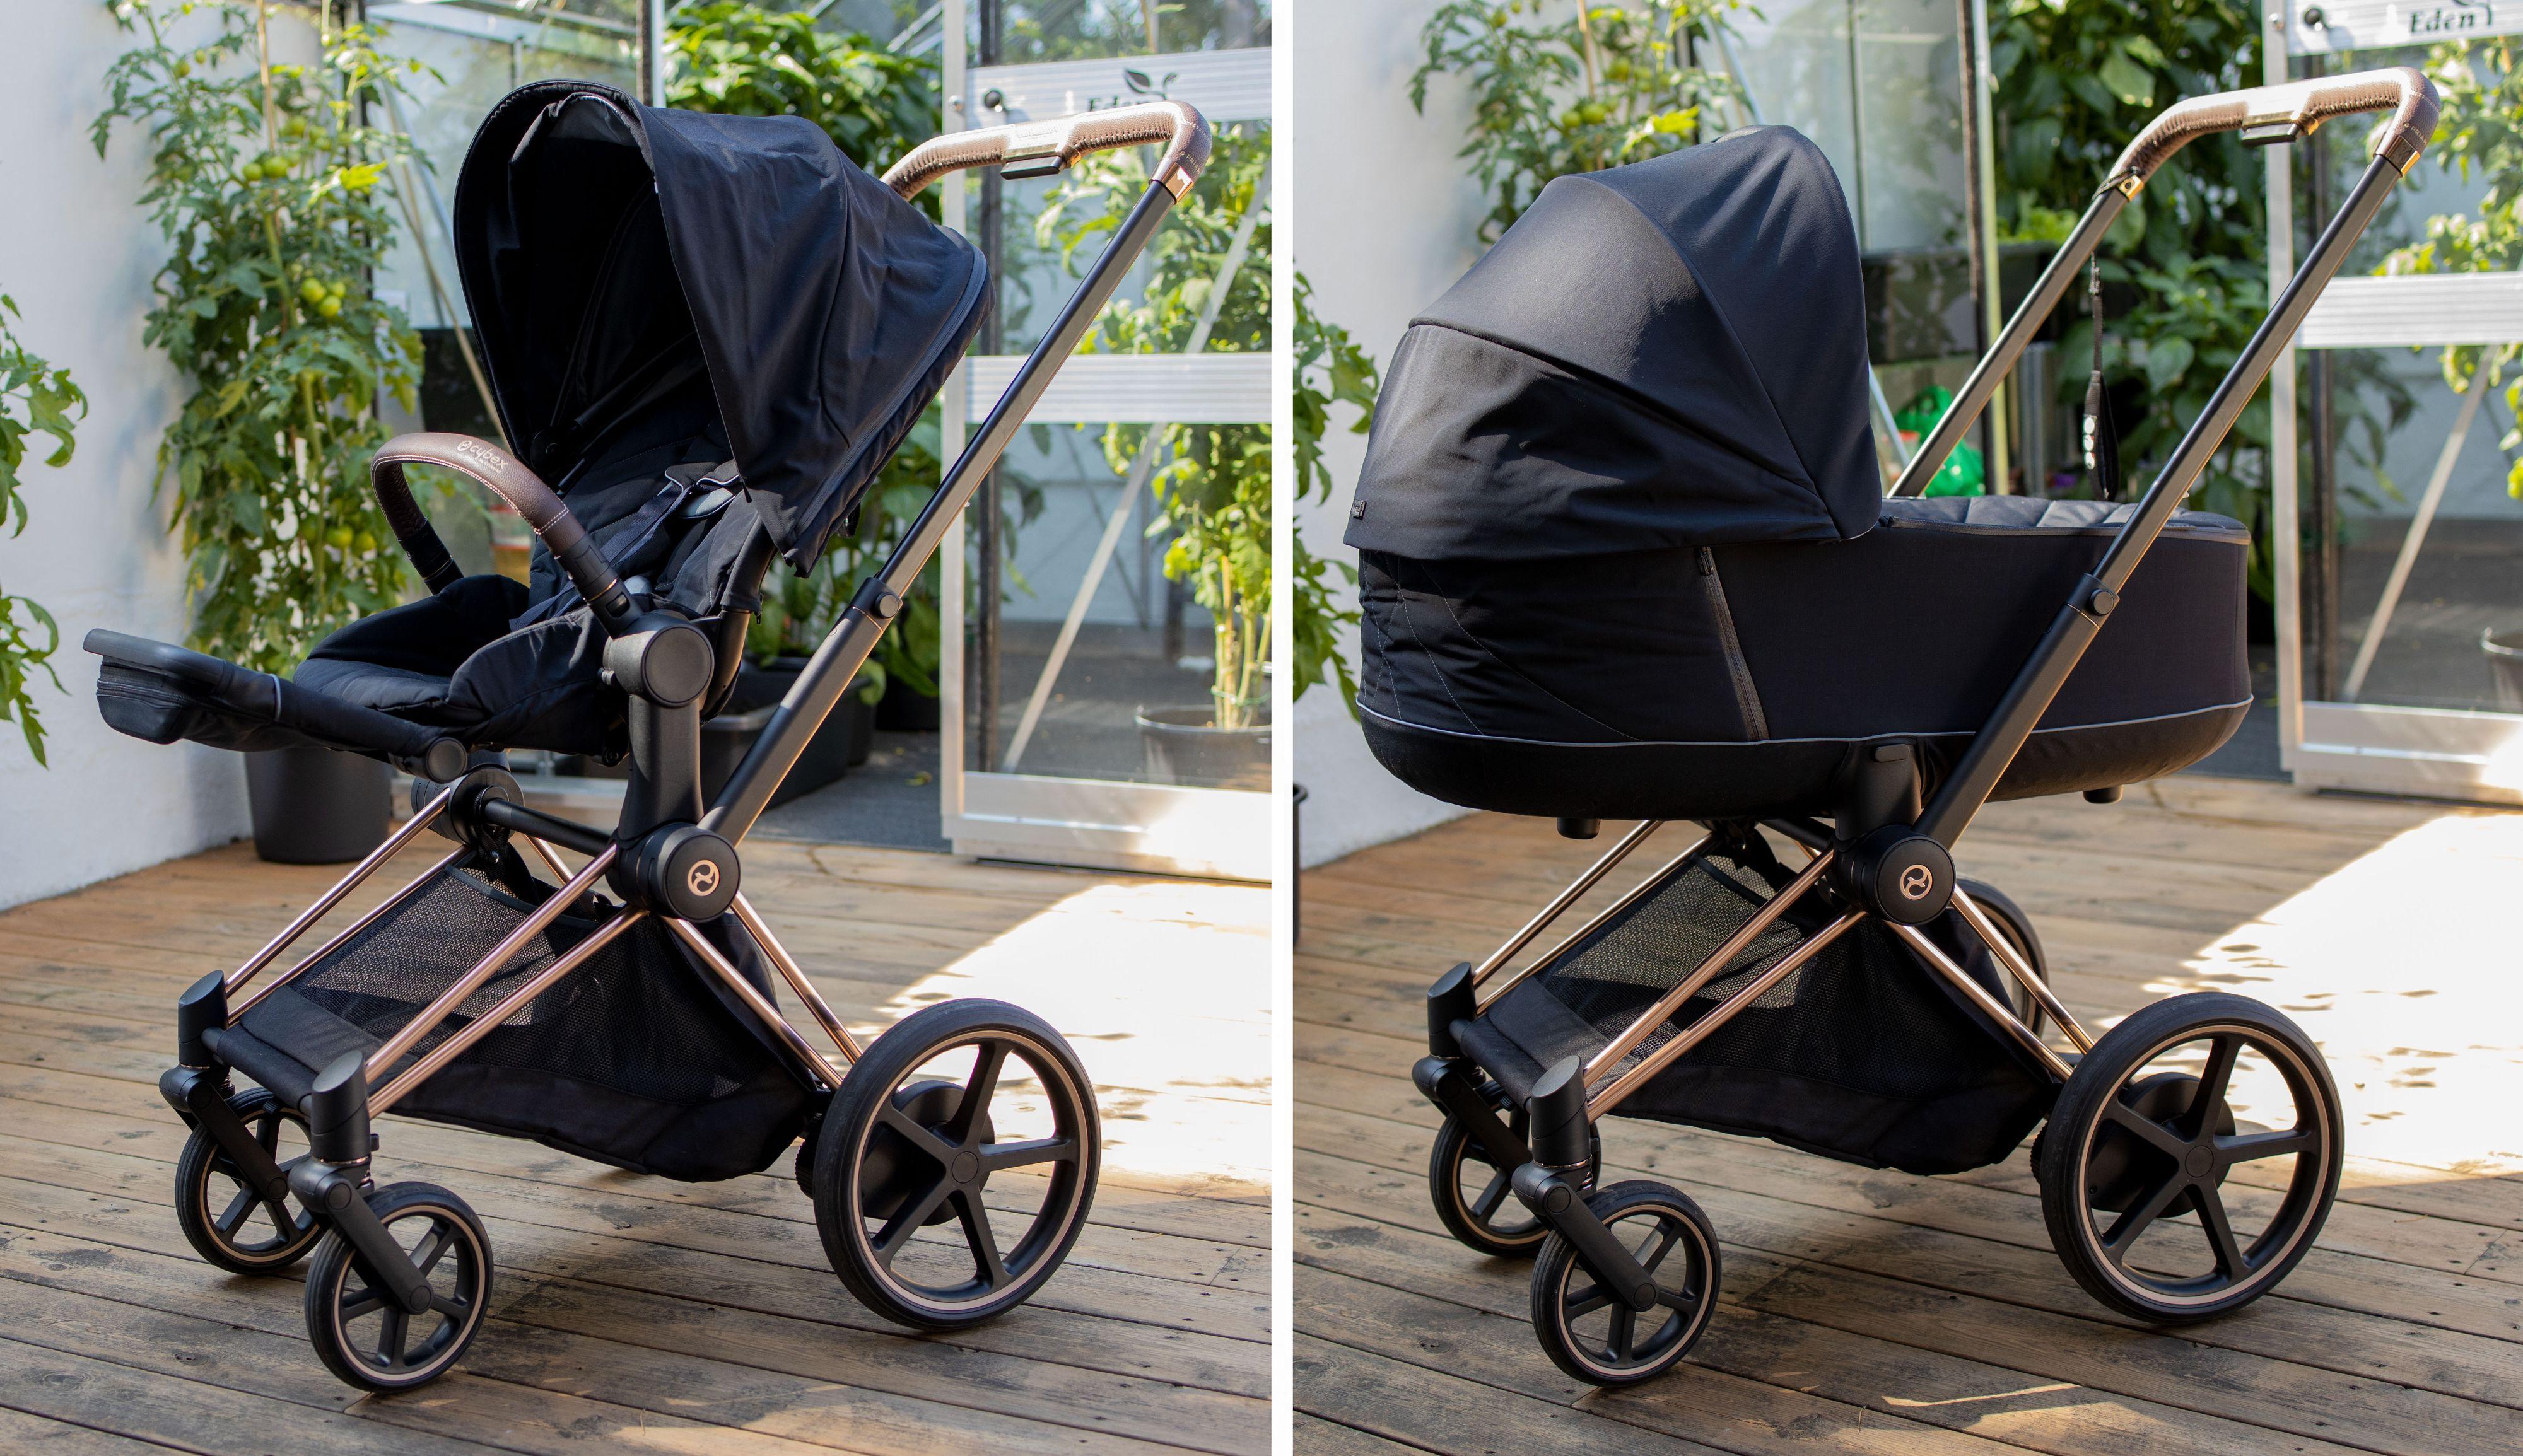 Sittedelen skal være tilpasset barn fra seks måneder og eldre, og kan brukes helt til barnet veier 17 kilogram. Det vil si i 4–5 år. Man kan også sette på bilsete på vognen med små adaptere. Det følger med adapter som passer Cybex-bilseter, mens andre bilseter krever andre adaptere.